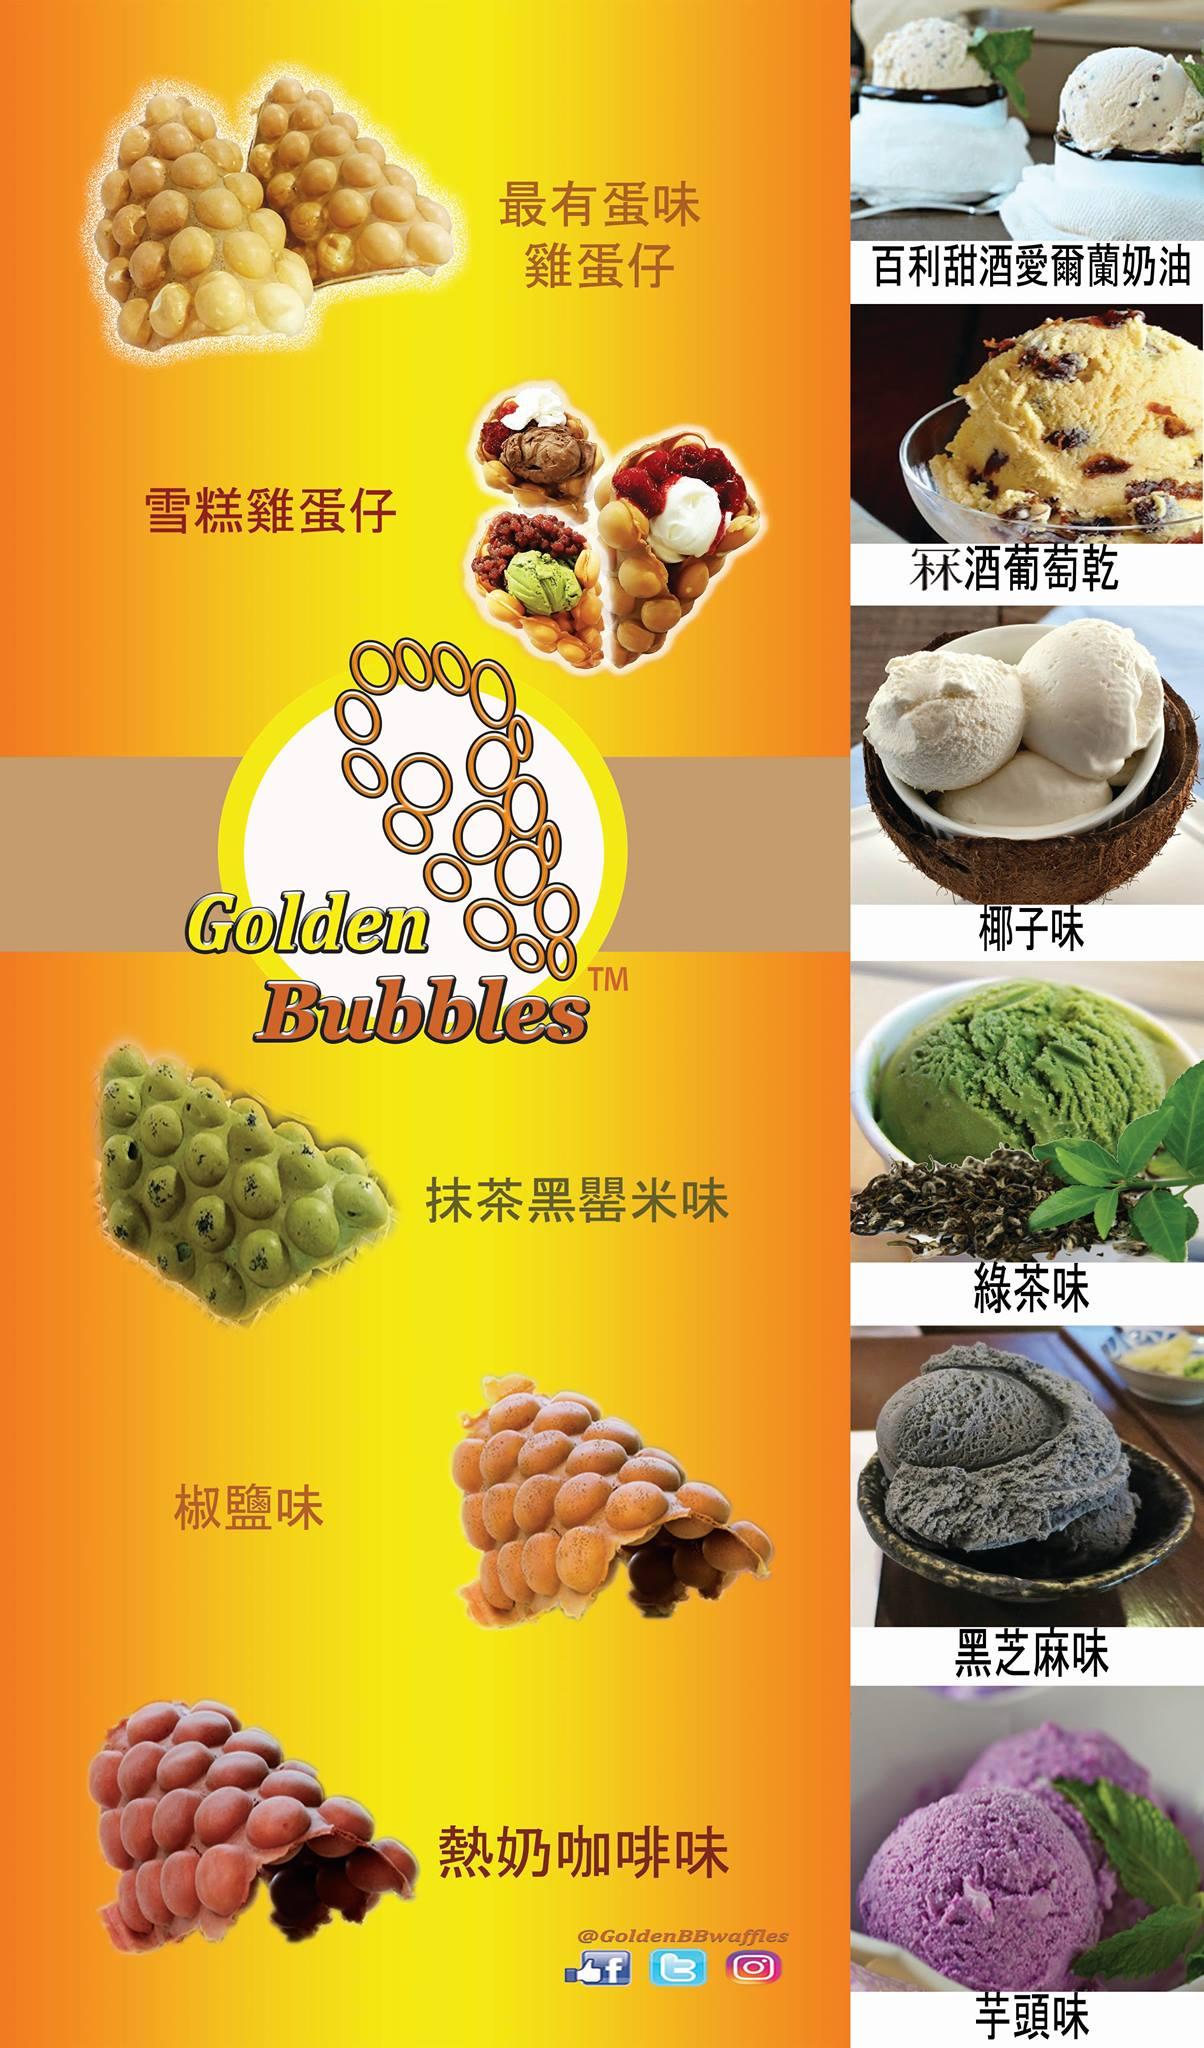 Bubble Waffle - Chinese[317]